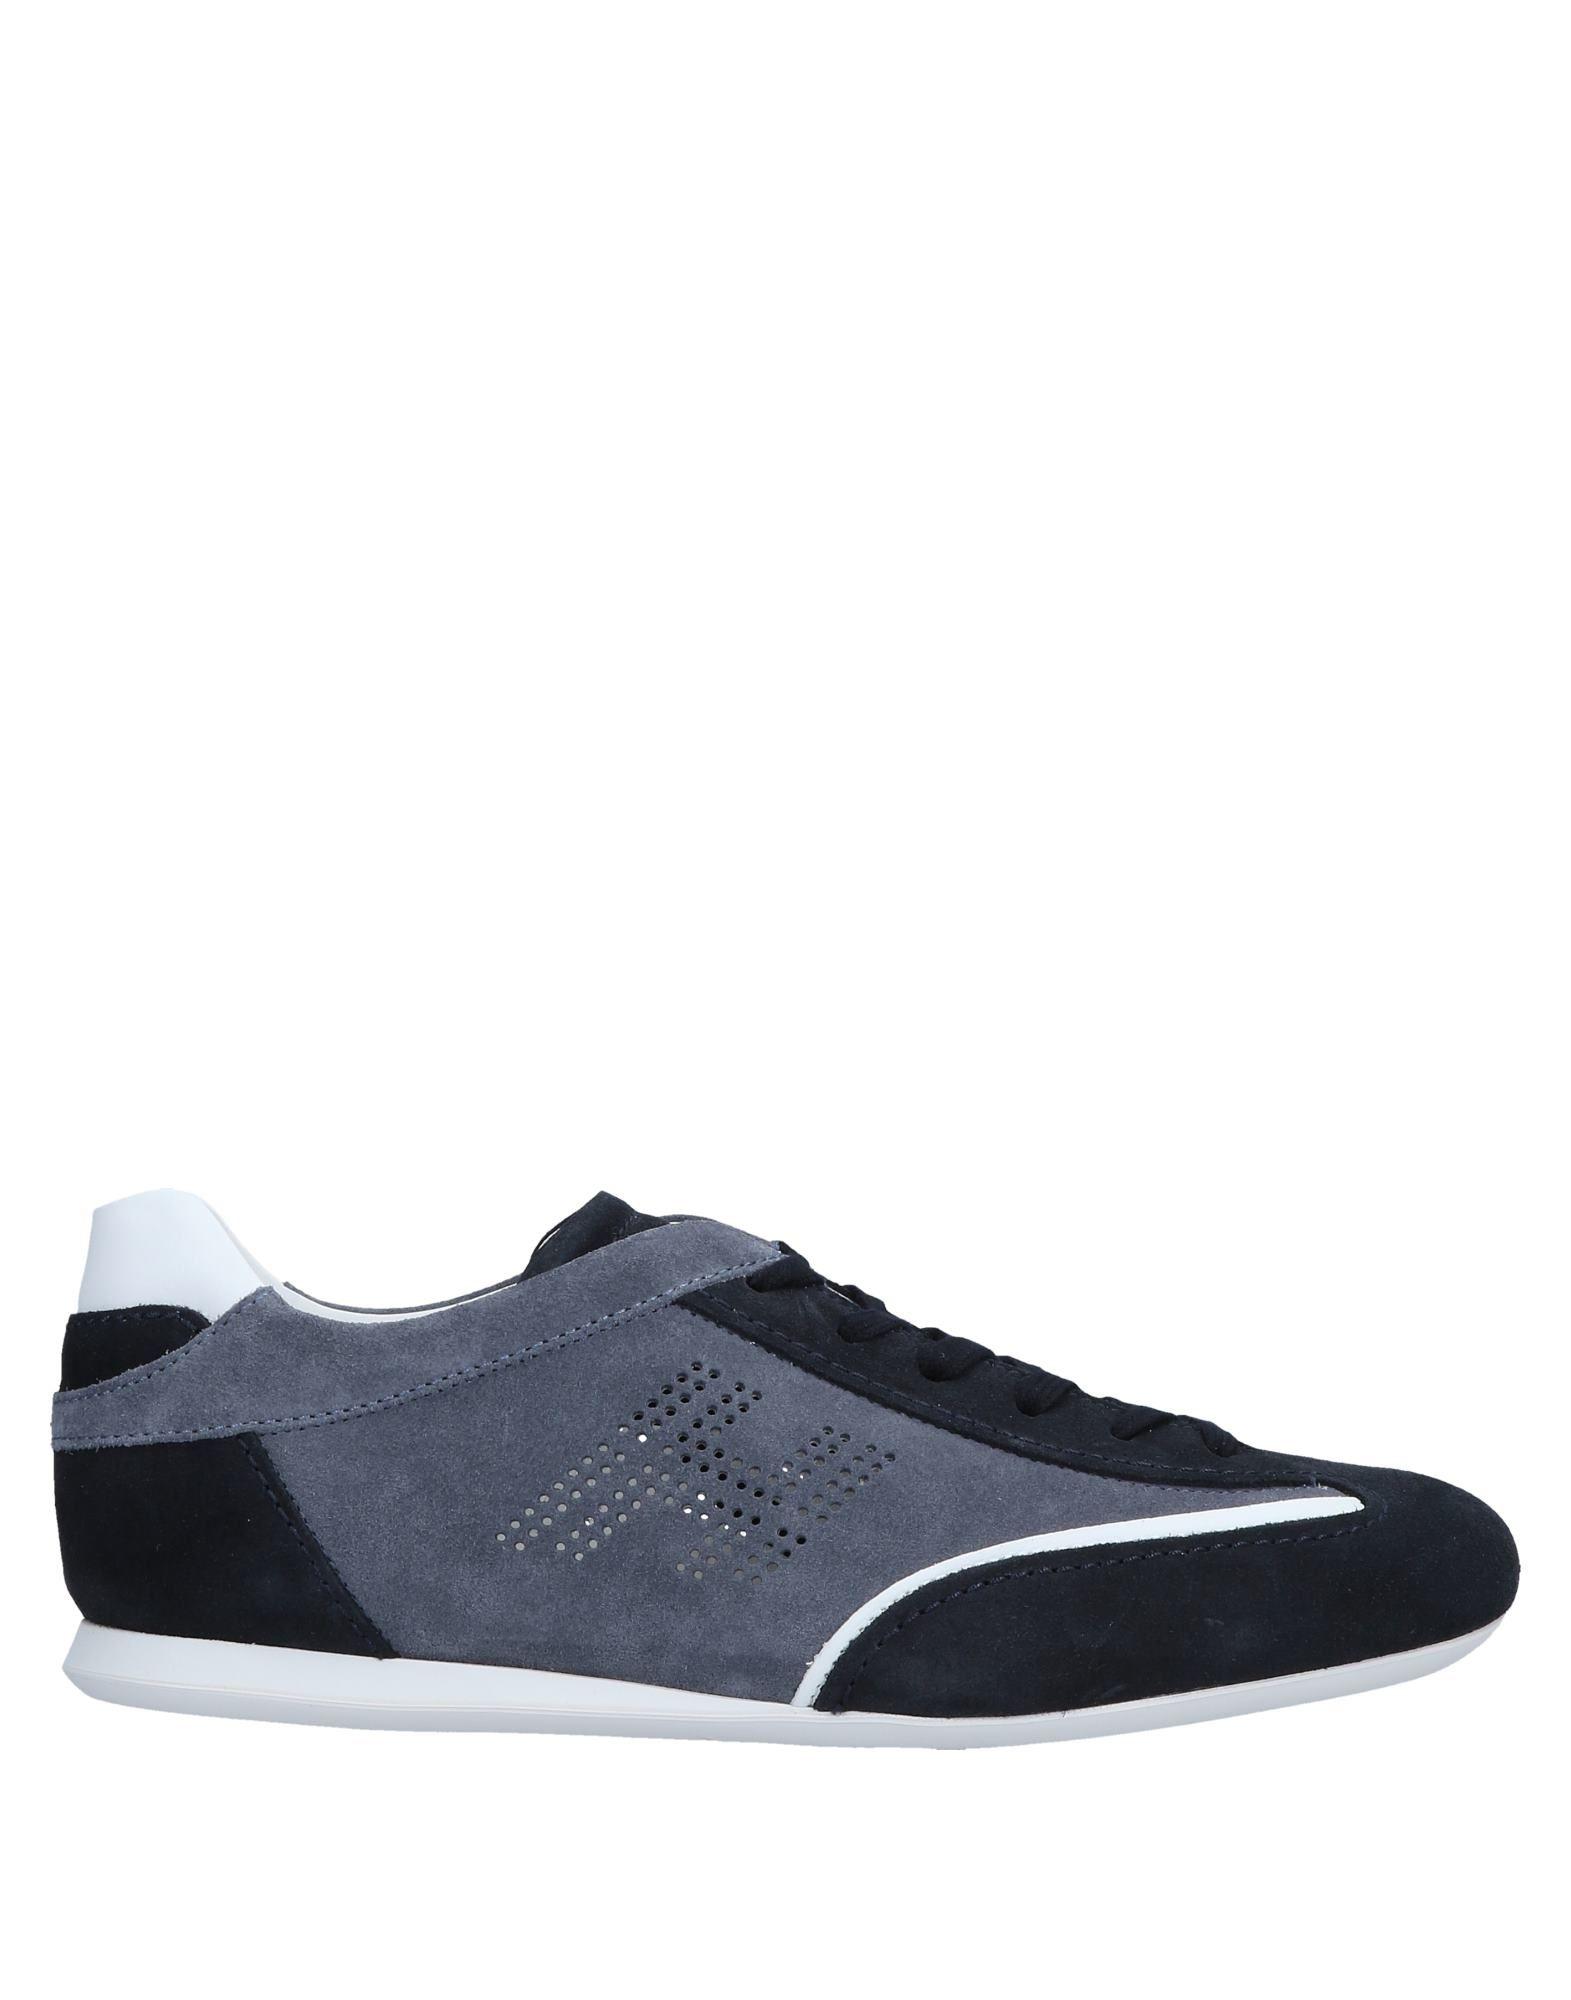 Azul oscuro Zapatillas Zapatillas Zapatillas Hogan Hombre - Zapatillas Hogan Recortes de precios estacionales, beneficios de descuento d0d56f